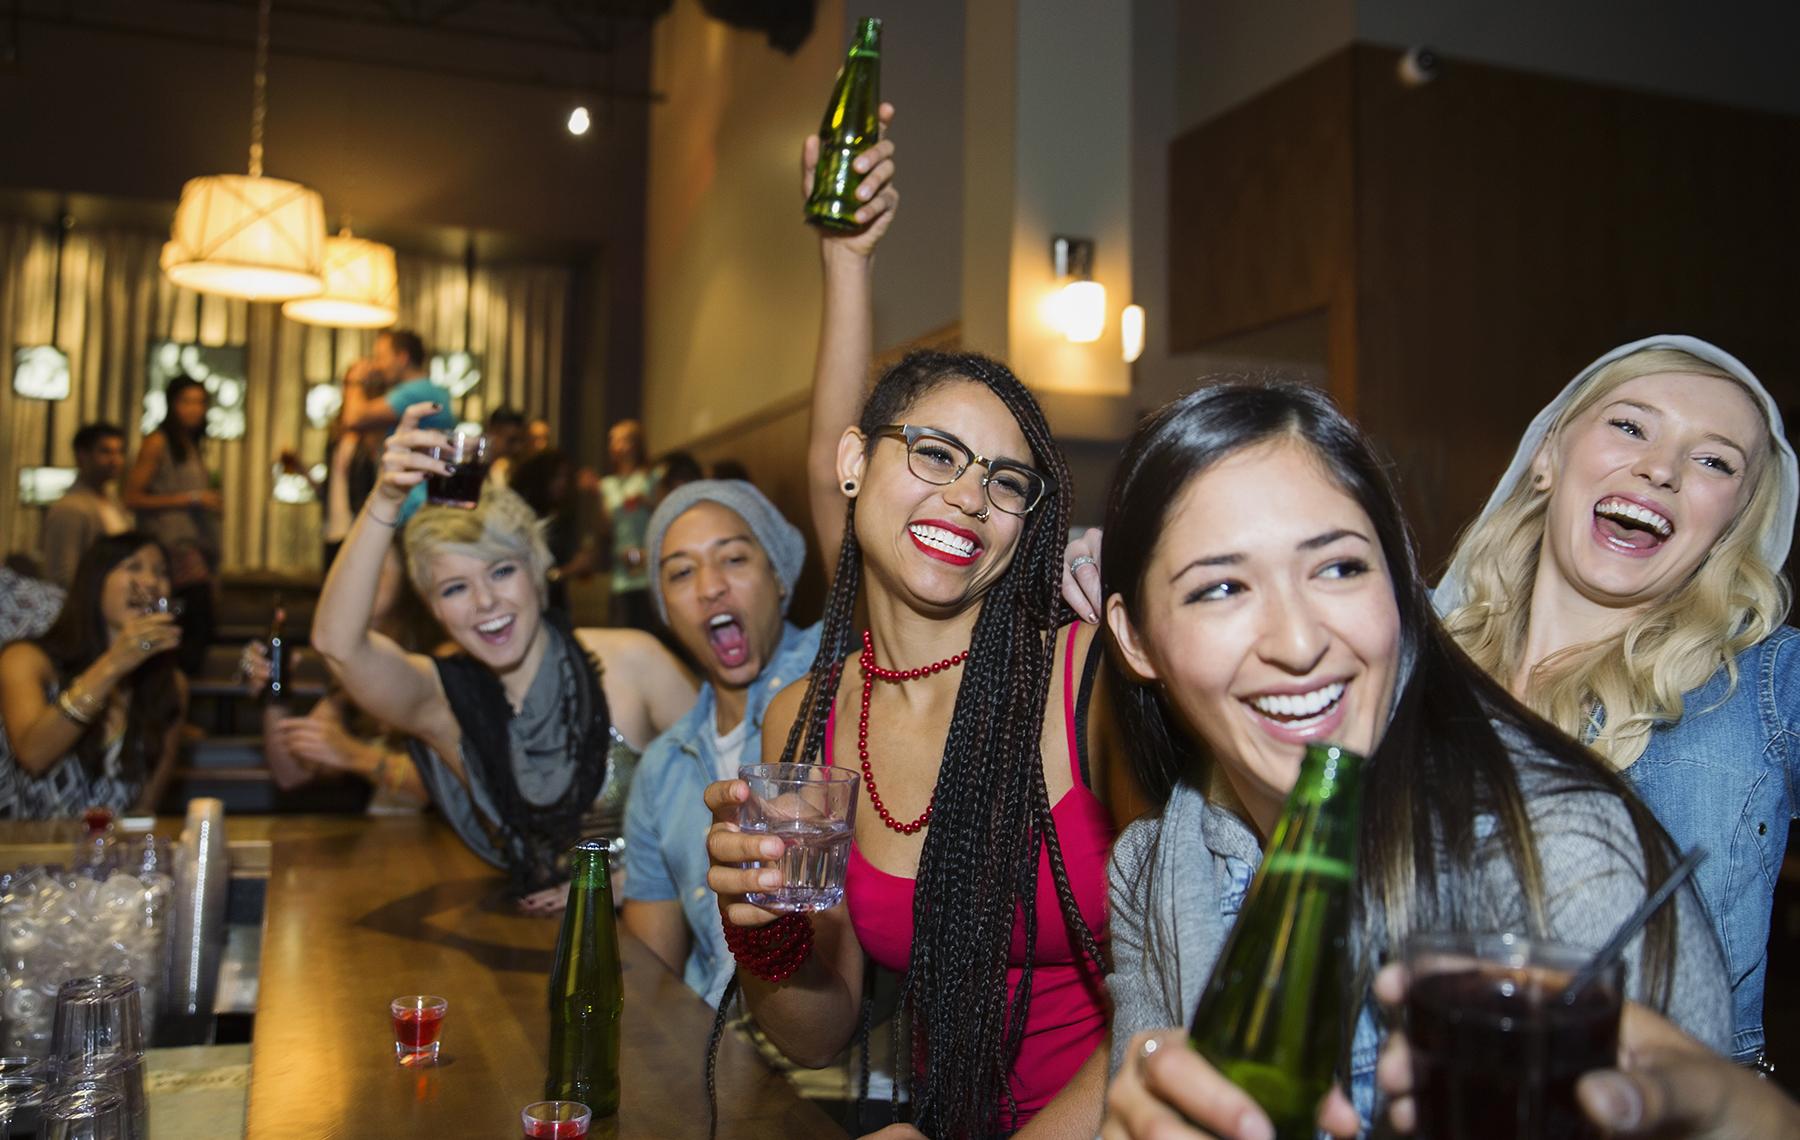 Jóvenes divirtiéndose en un bar